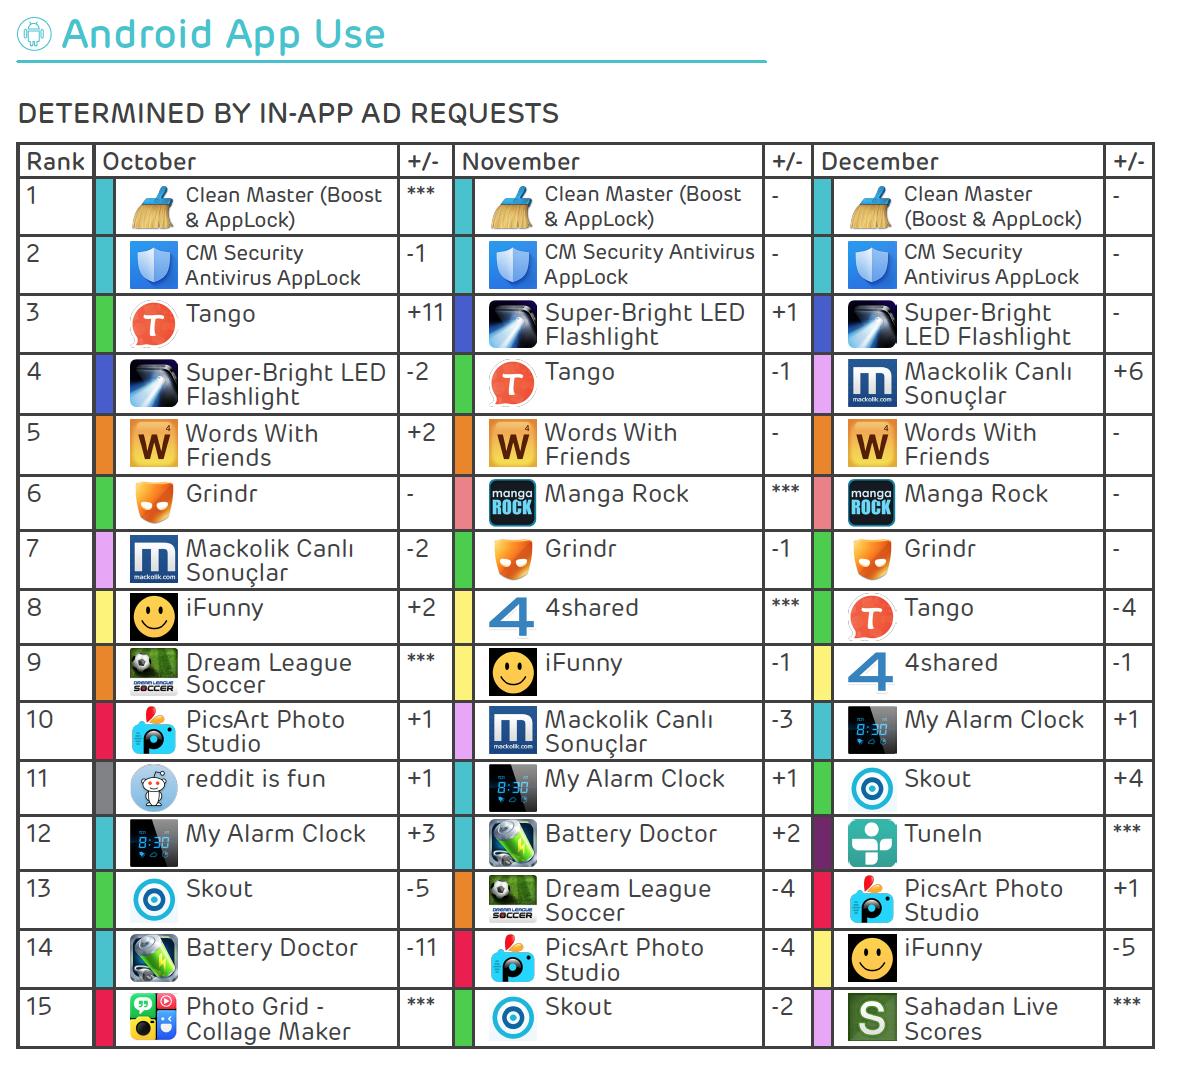 Clean Master è l'applicazione Android più usata a fine 2015 - Drawbridge (1)